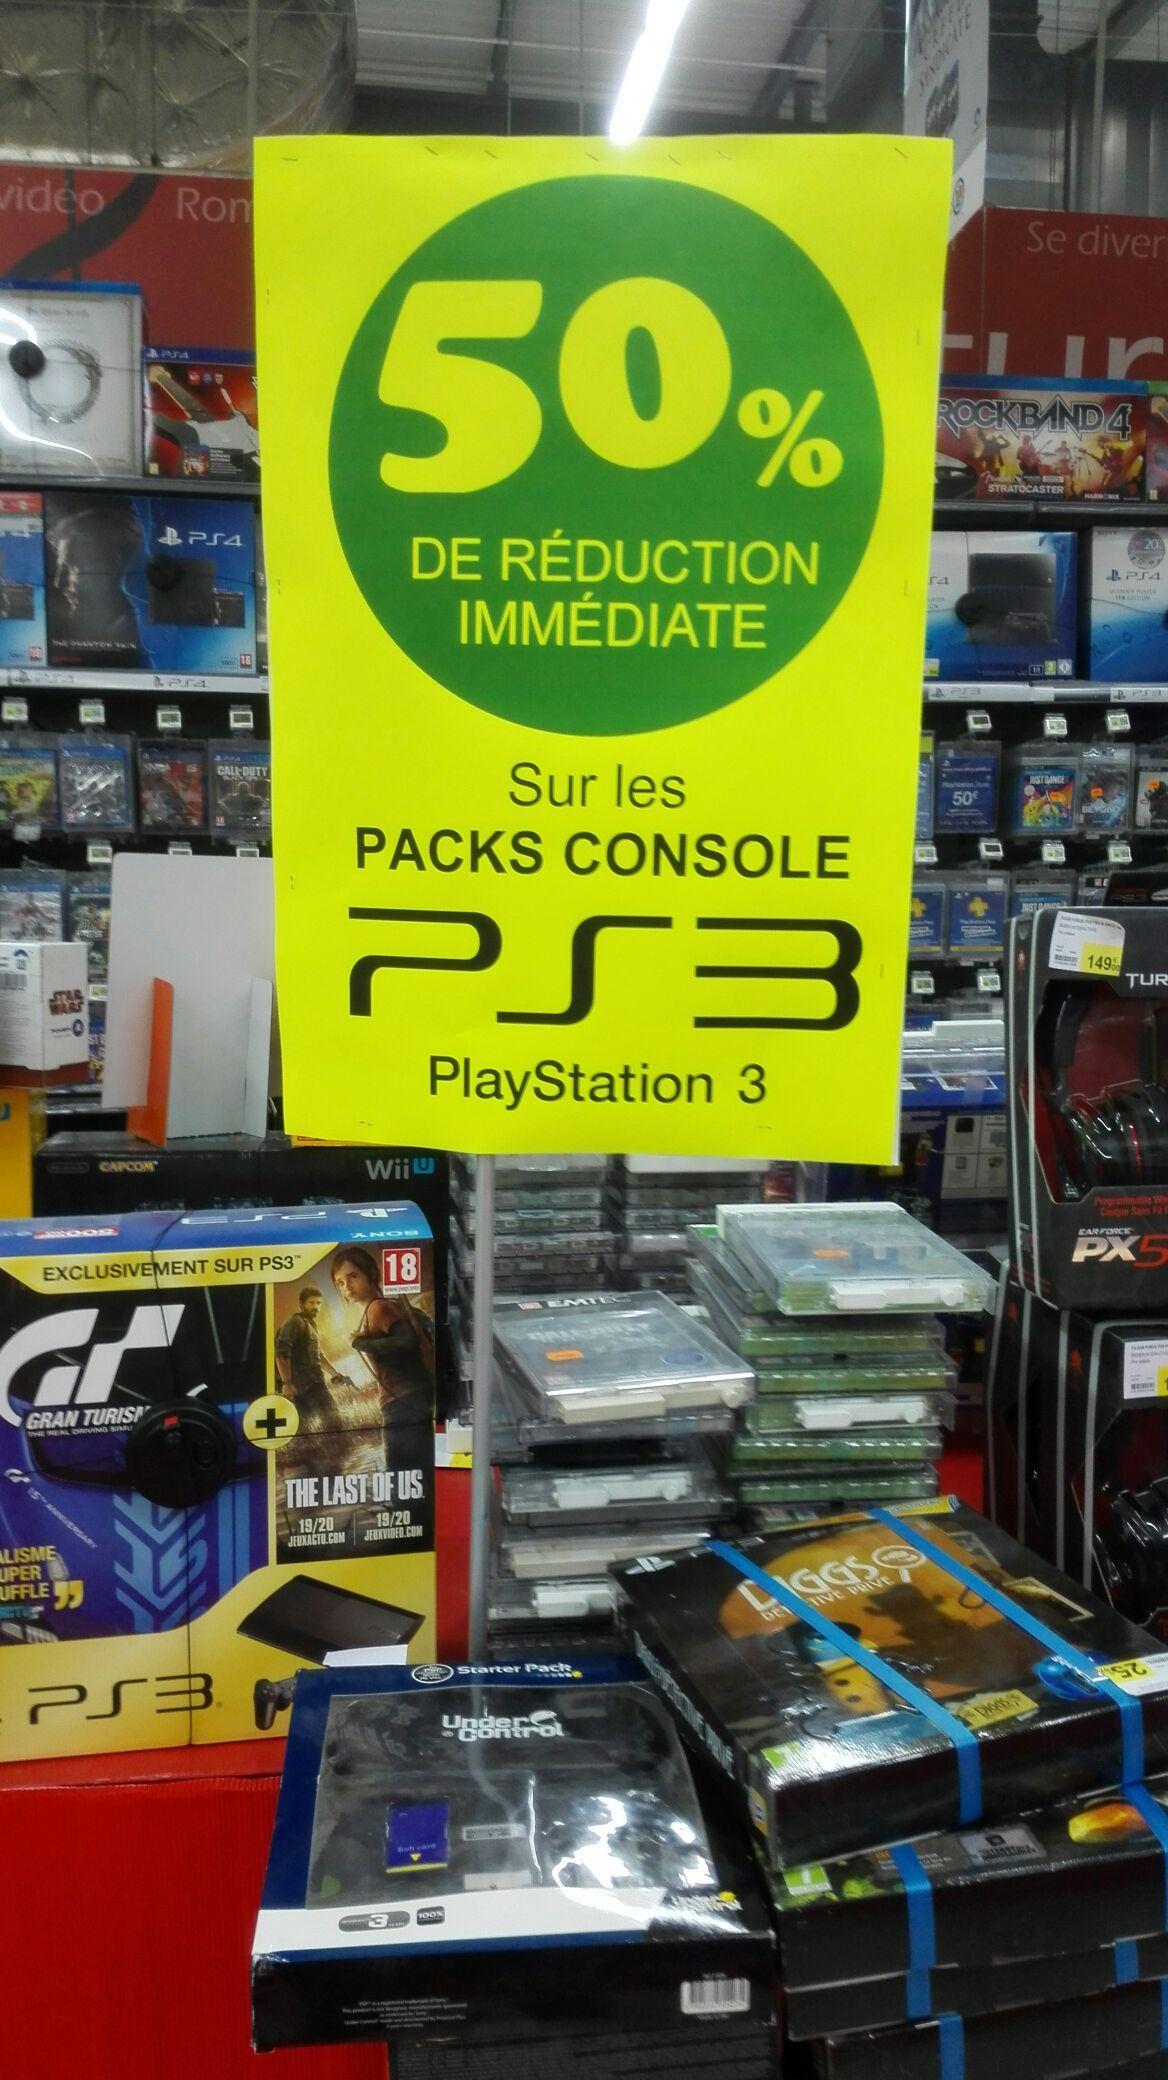 50% de réduction sur les Packs Console Sony PS3 - Ex : Pack PS3 Gran Turismo 6 + The Last of US